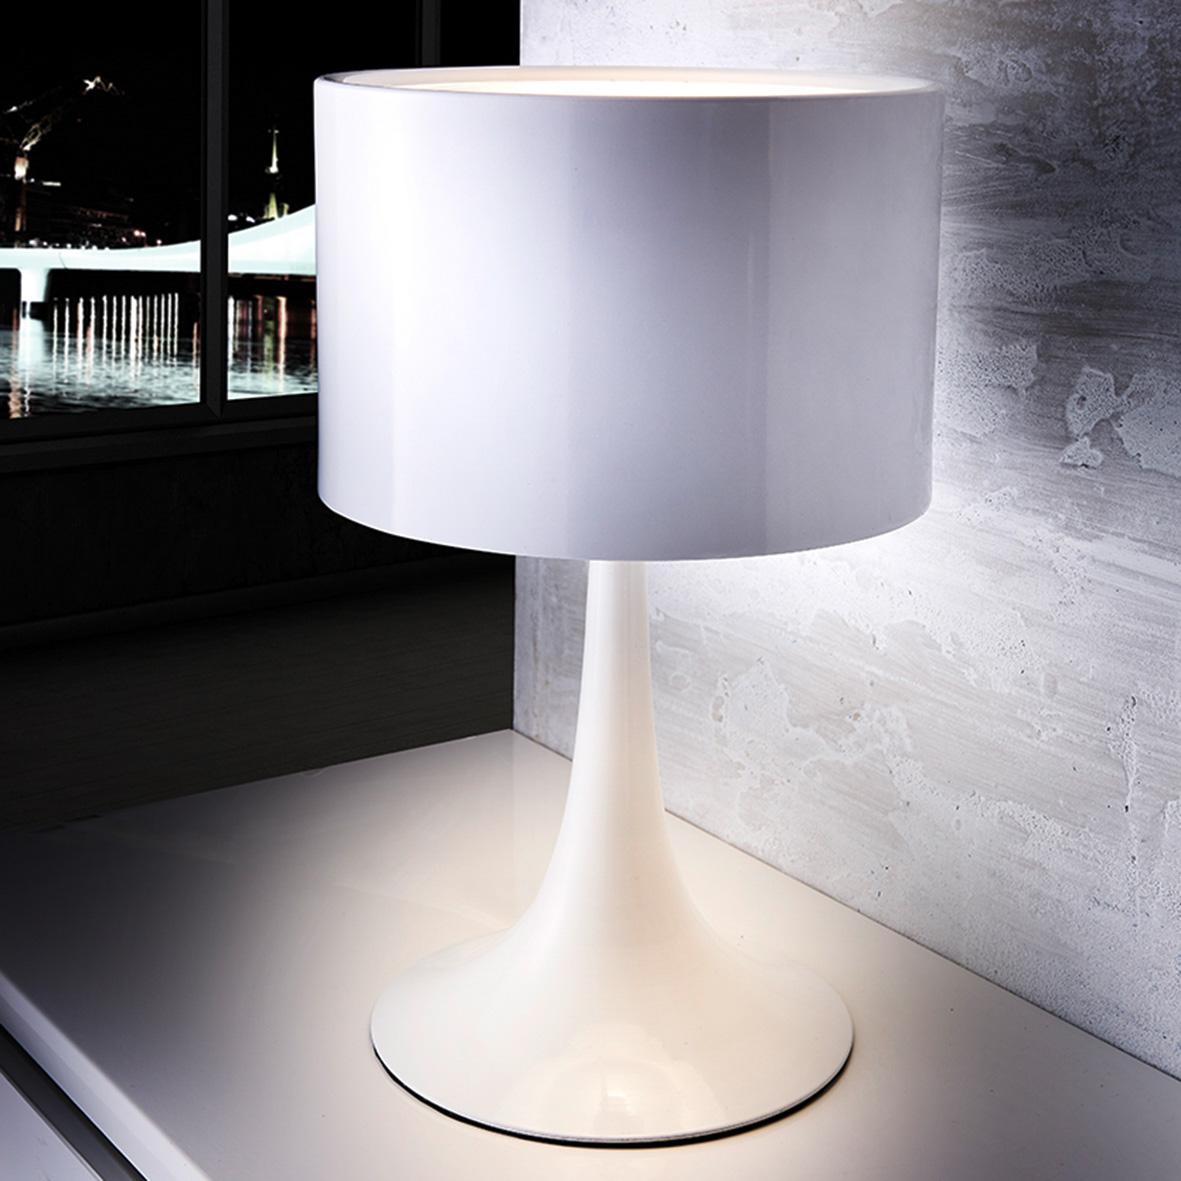 Lampen   Licht   Interieur   Interior Shooting   Studio-51   Studio51   Studio 51   Werbefotografie   Fotostudio   Fashionshooting   Produktshooting   Produktfotos